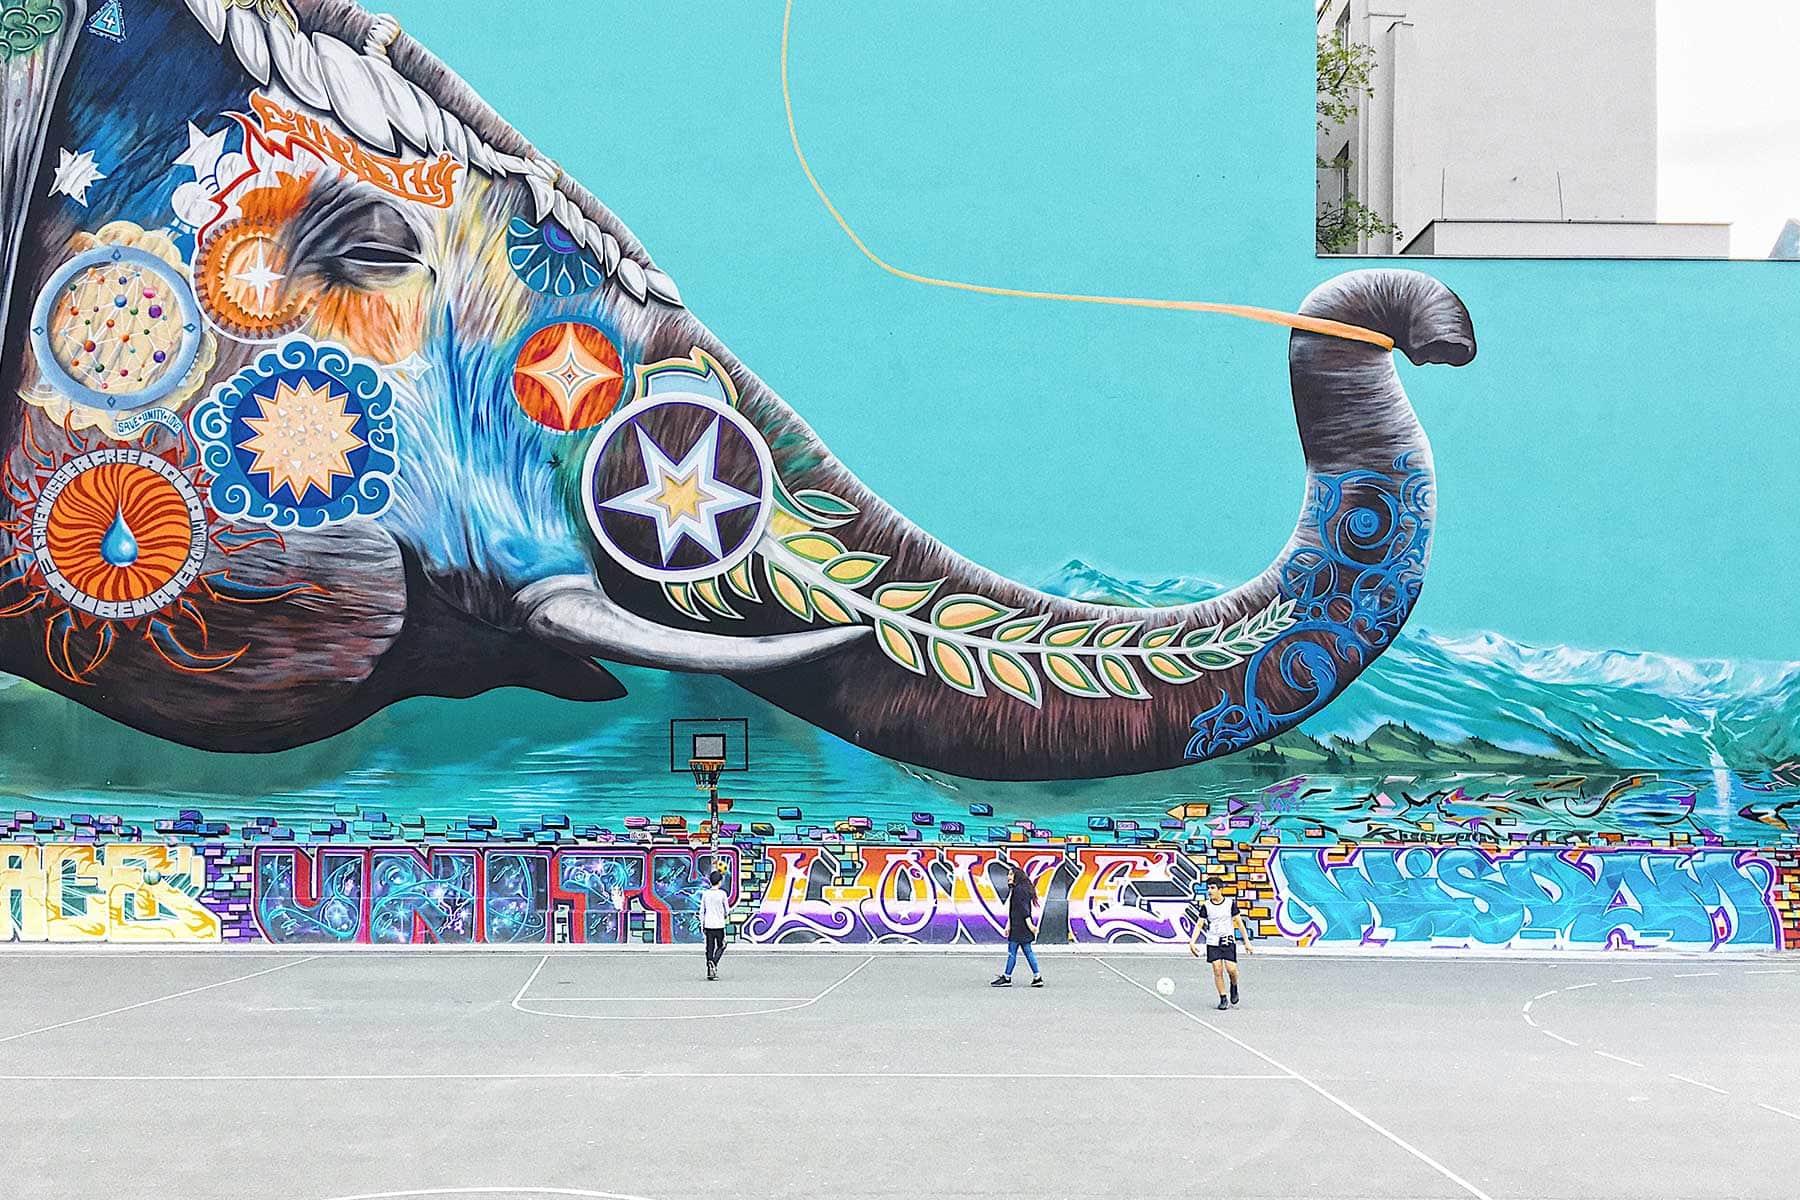 Resor-till-Berlin-med-Nygren-&-Lind-resebyrå-grafitti